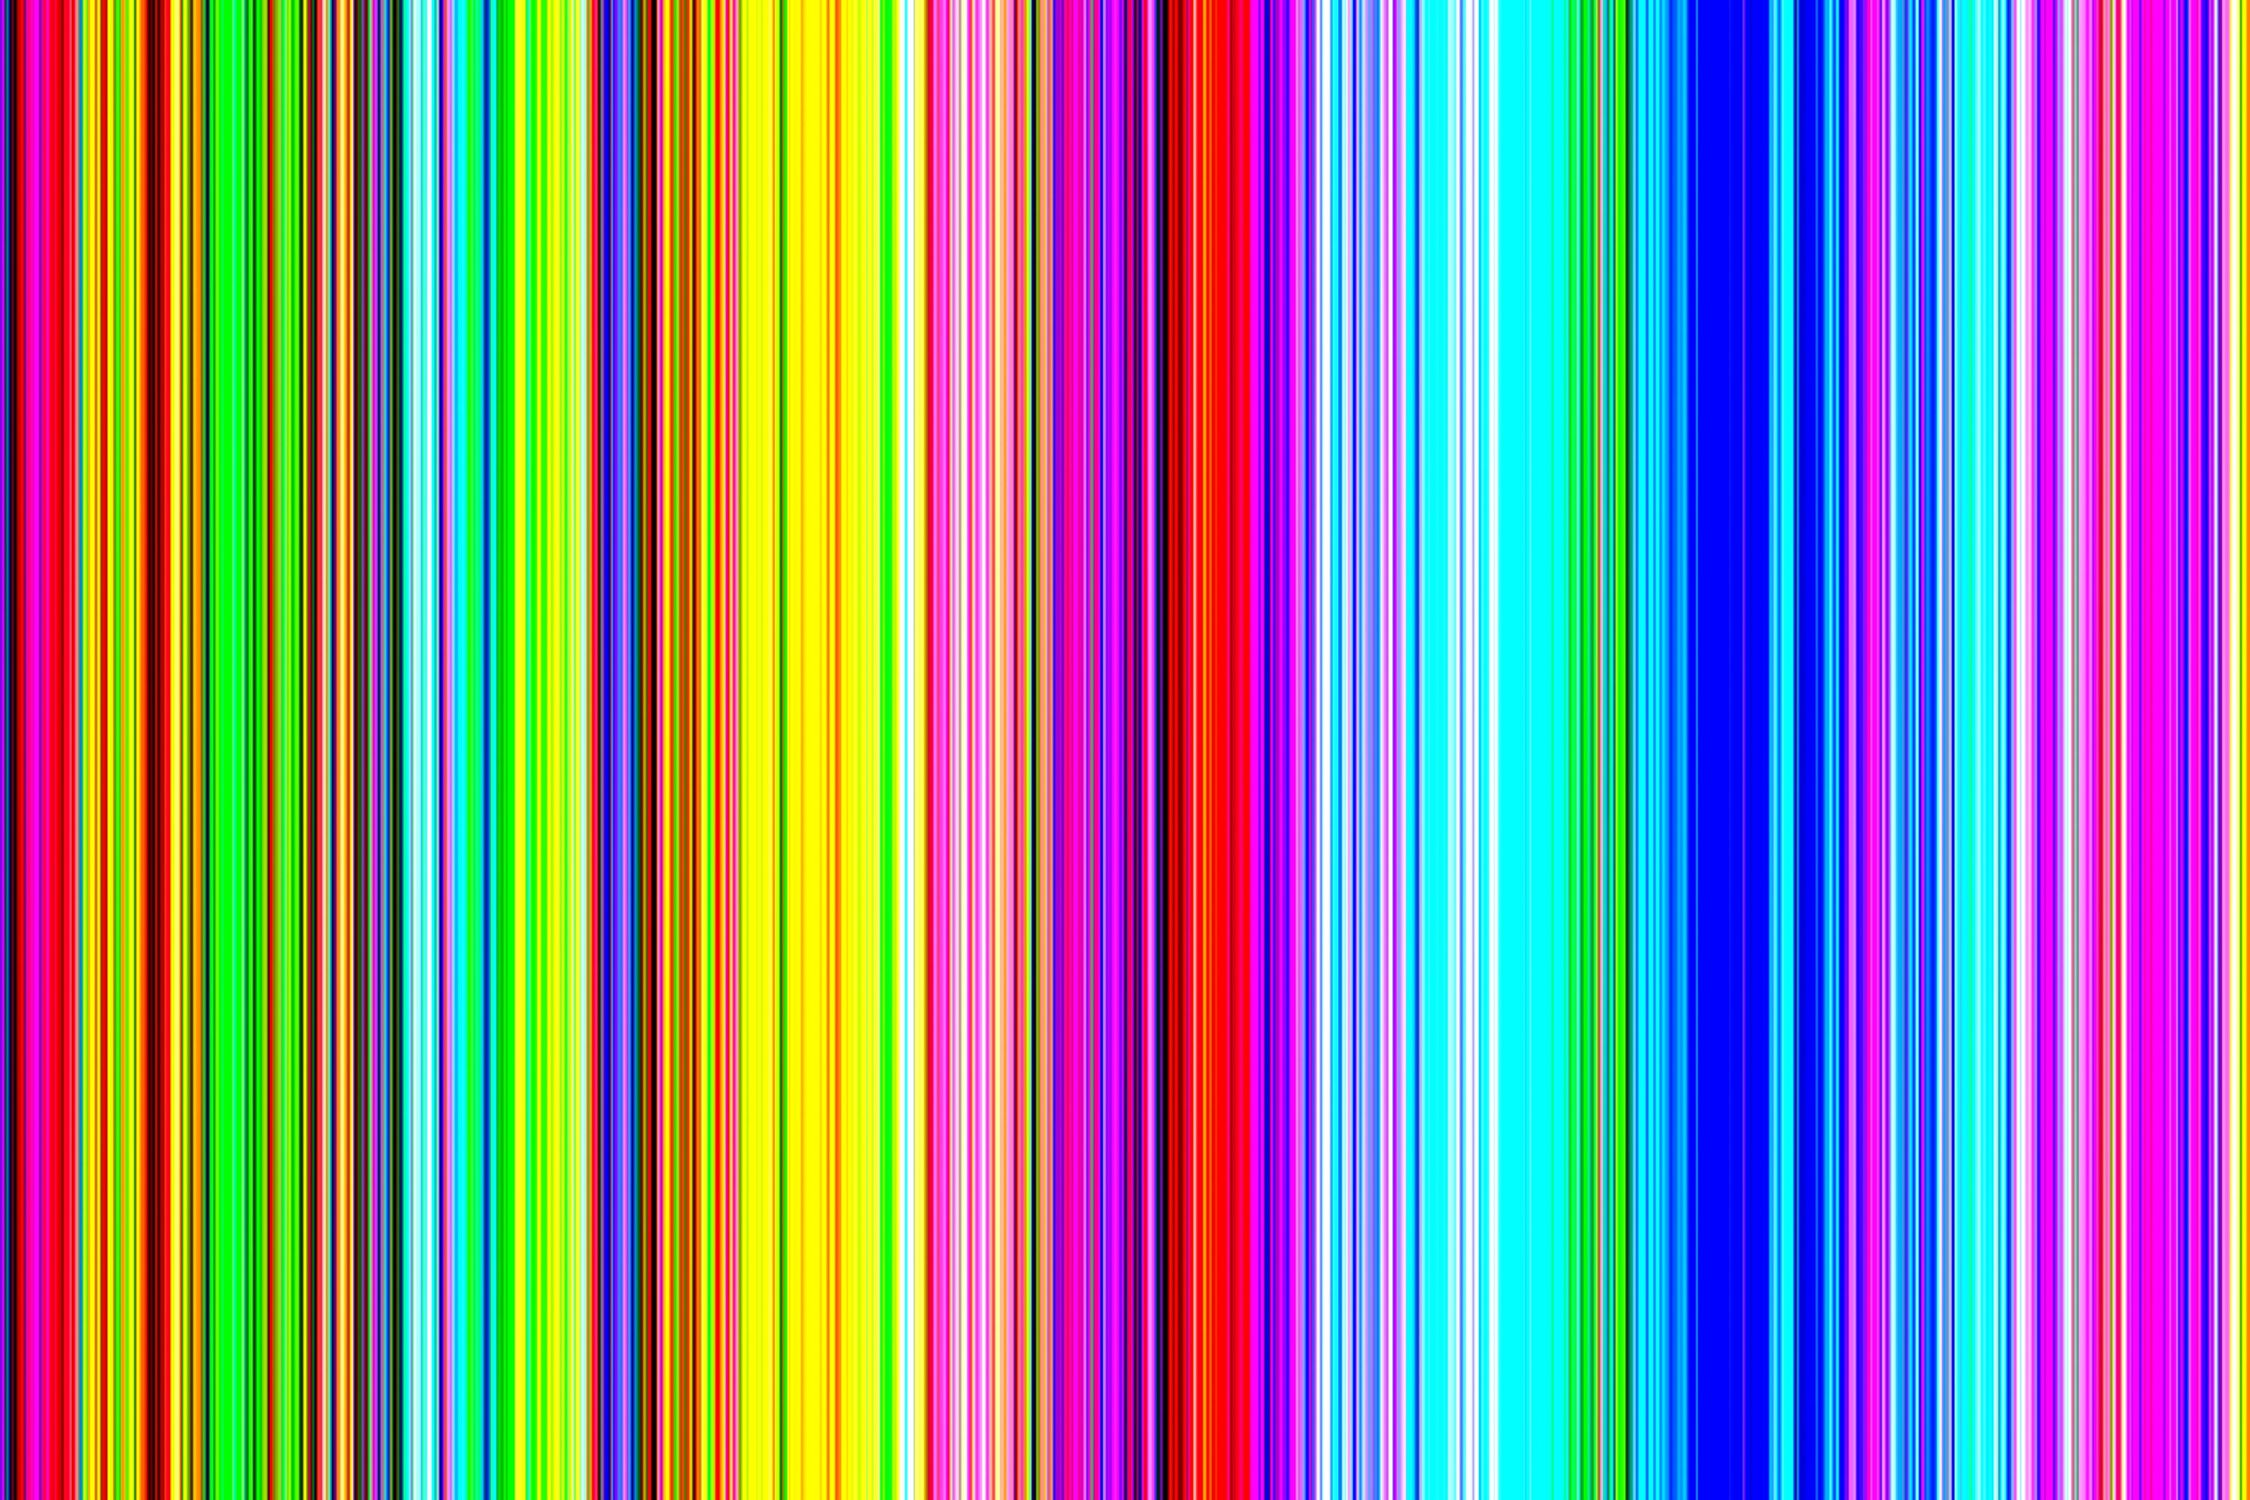 Bild mit Farben, Violett, Blau, Magenta, Abstrakt, Abstrakte Kunst, Retro, Streifen, Bunt, Muster